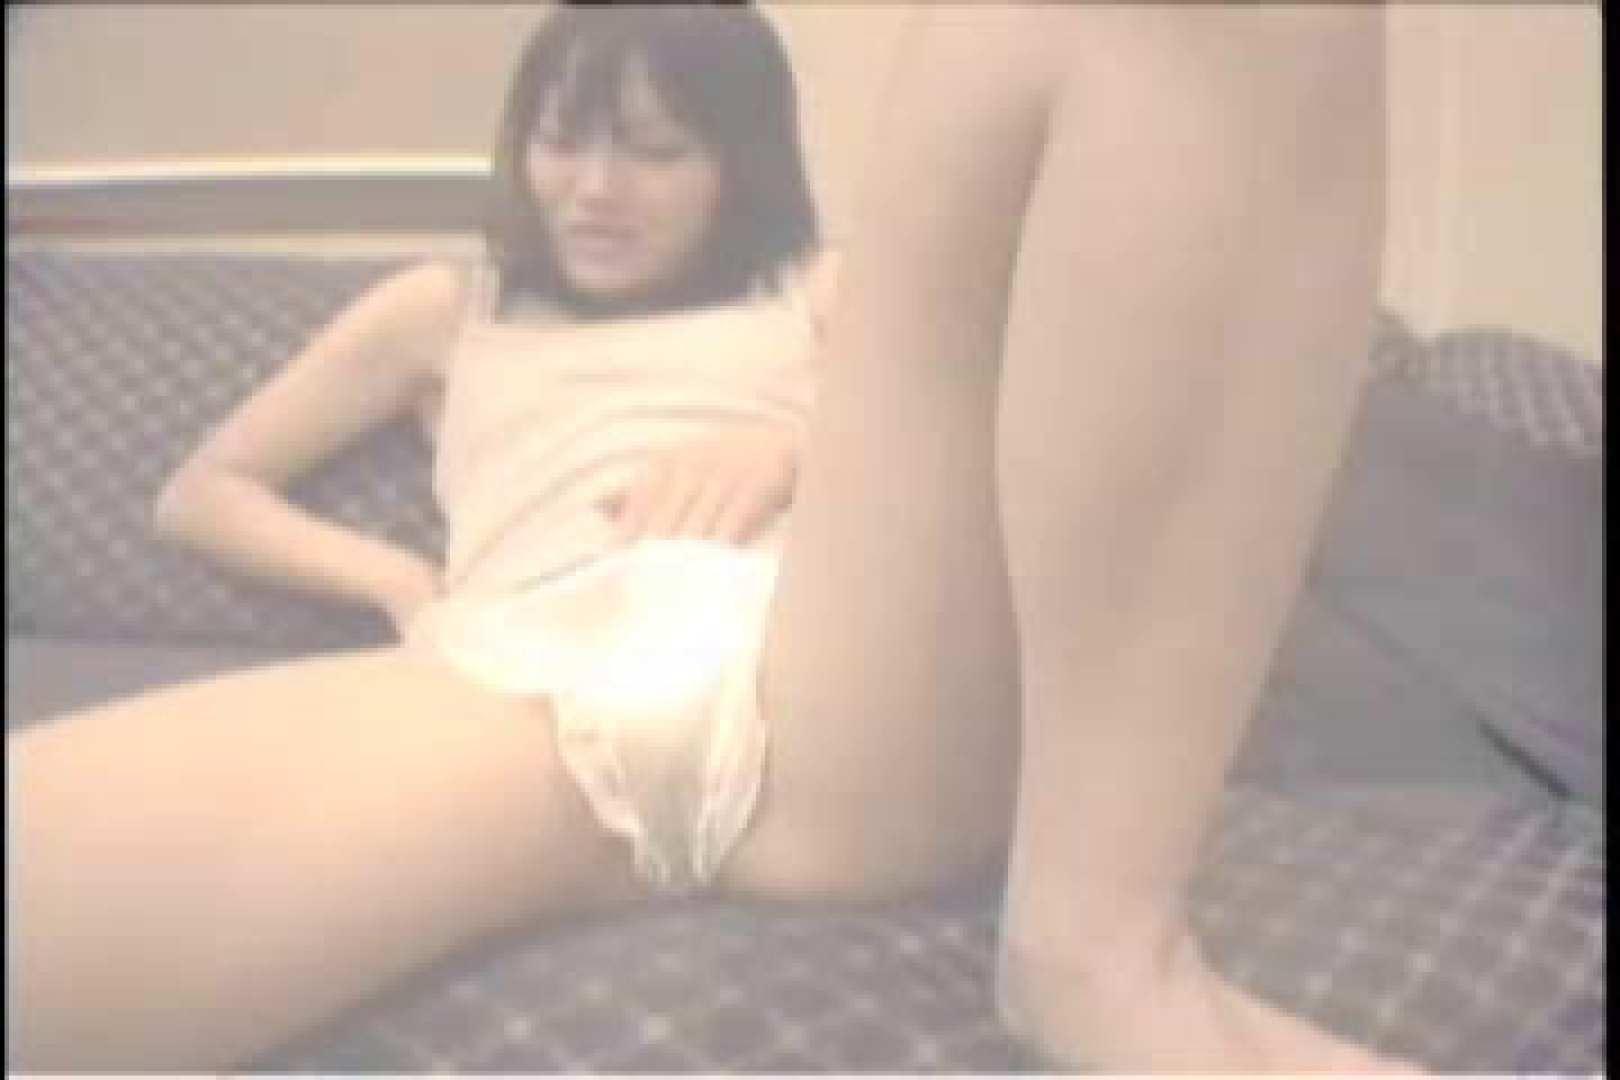 素人嬢126人のハメ撮り 木村 素人流出動画   メーカー直接買い取り  95枚 41